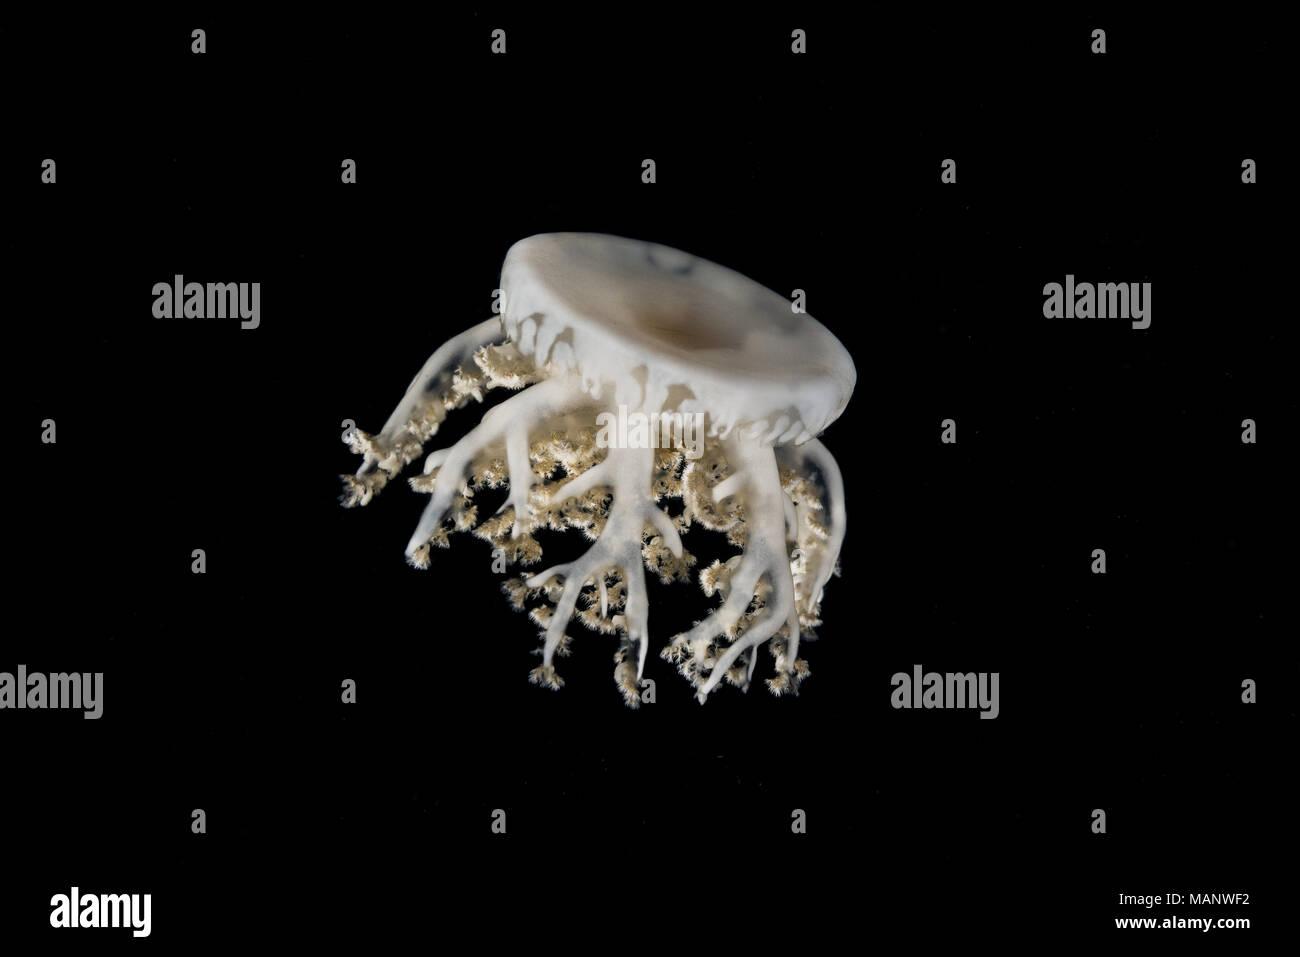 Al revés de las medusas (Cassiopea andromeda) en la noche Imagen De Stock